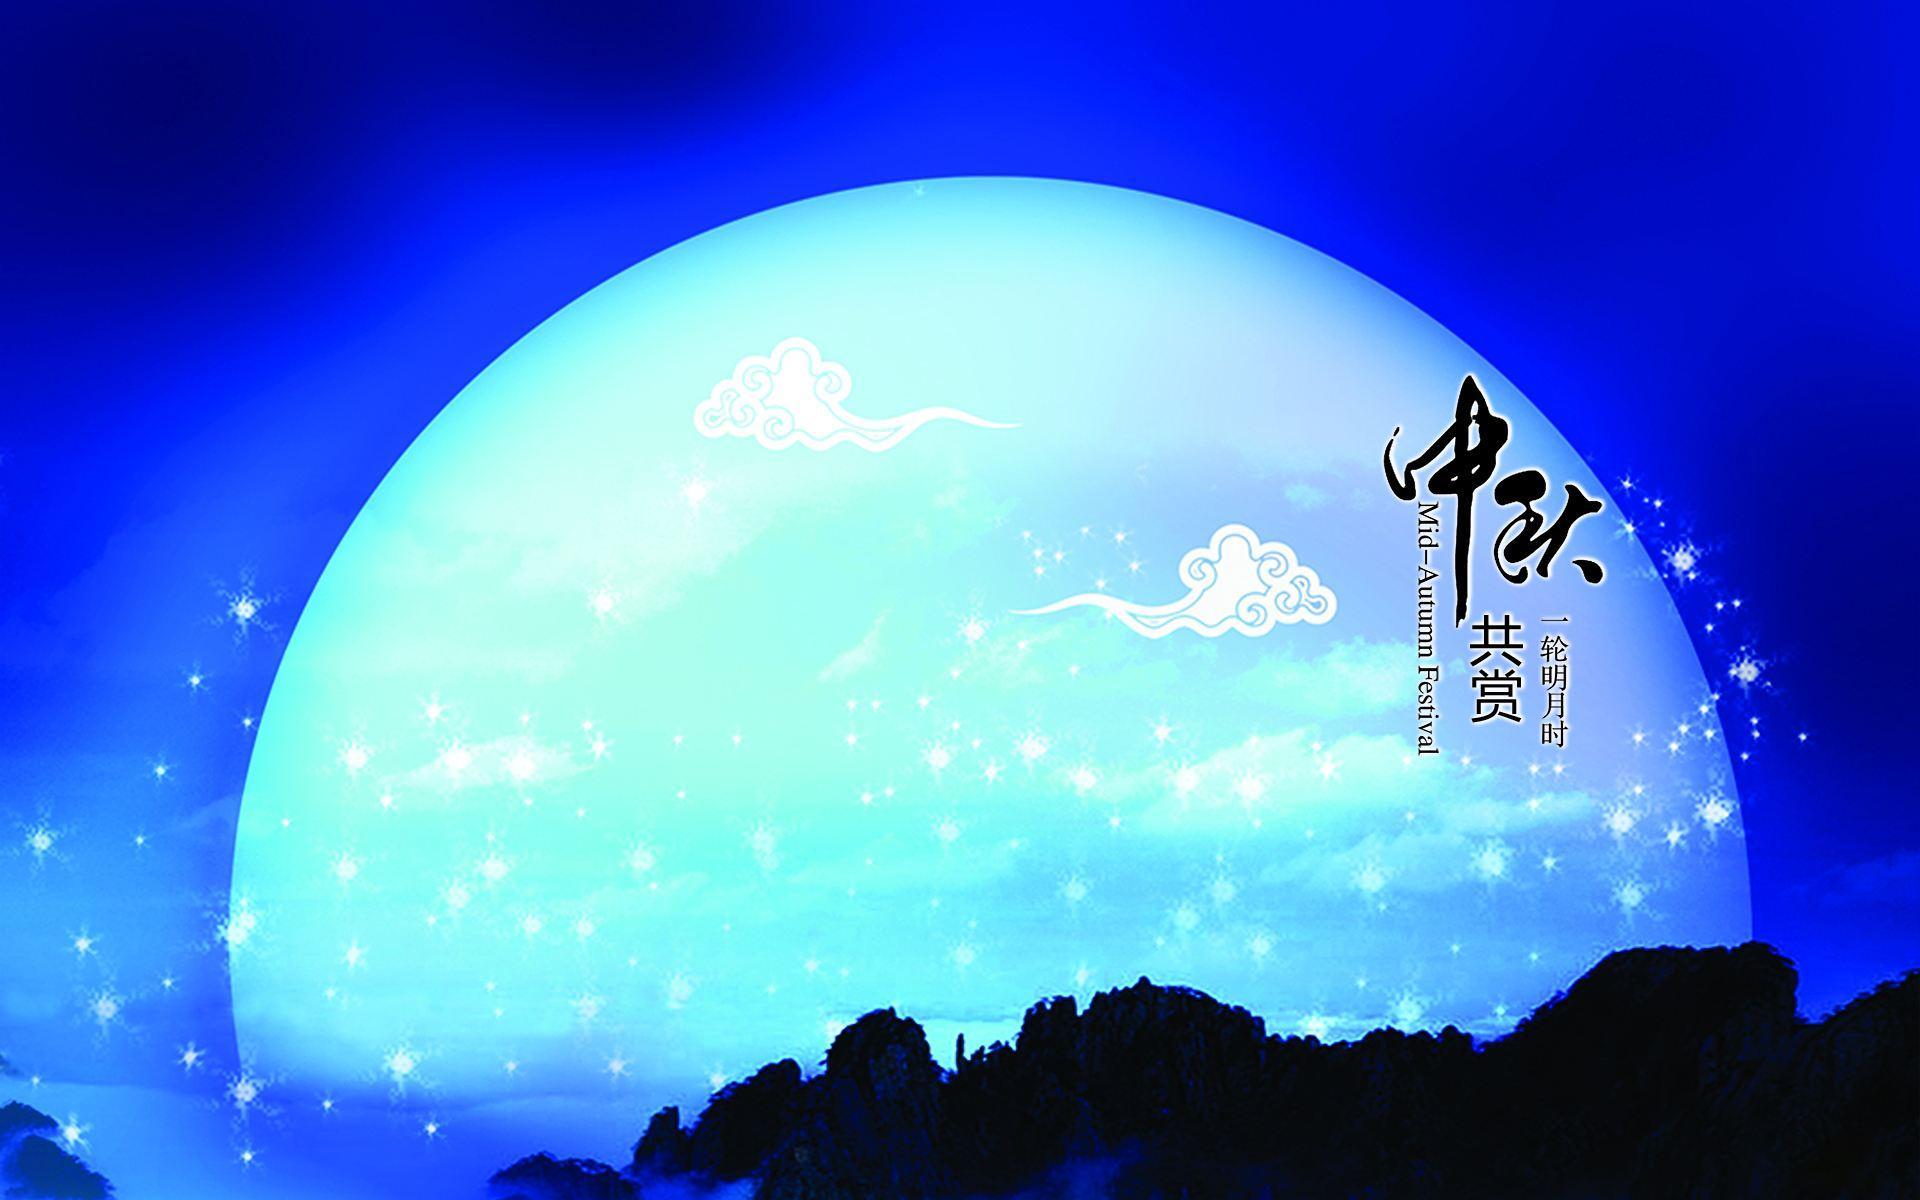 从古诗词中看中秋节的浪漫、狂欢和深情